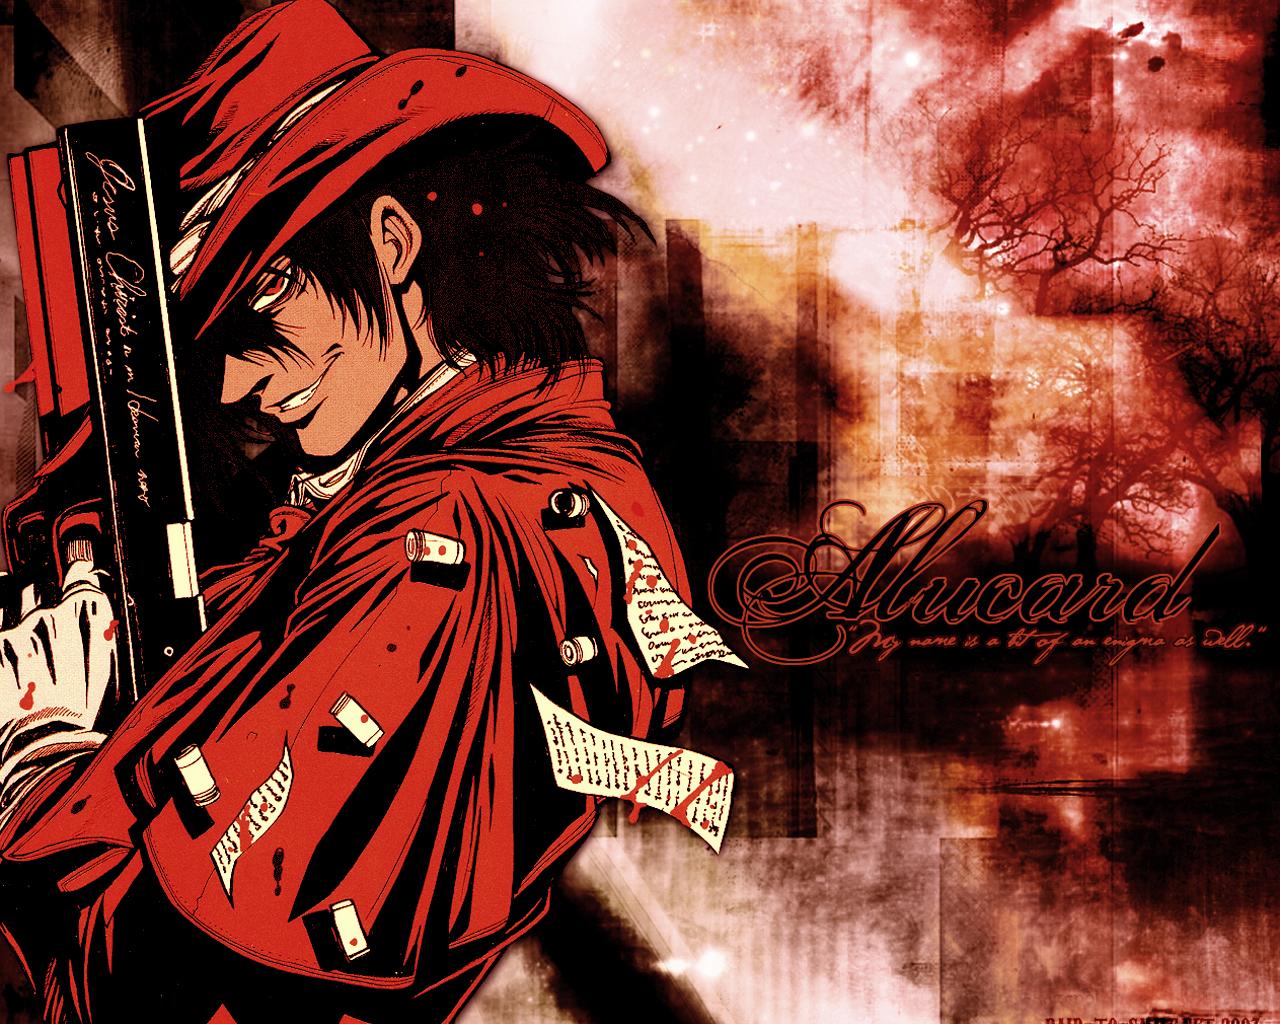 Anime iris alucard 2 hellsin imagenes - Anime hellsing wallpaper ...